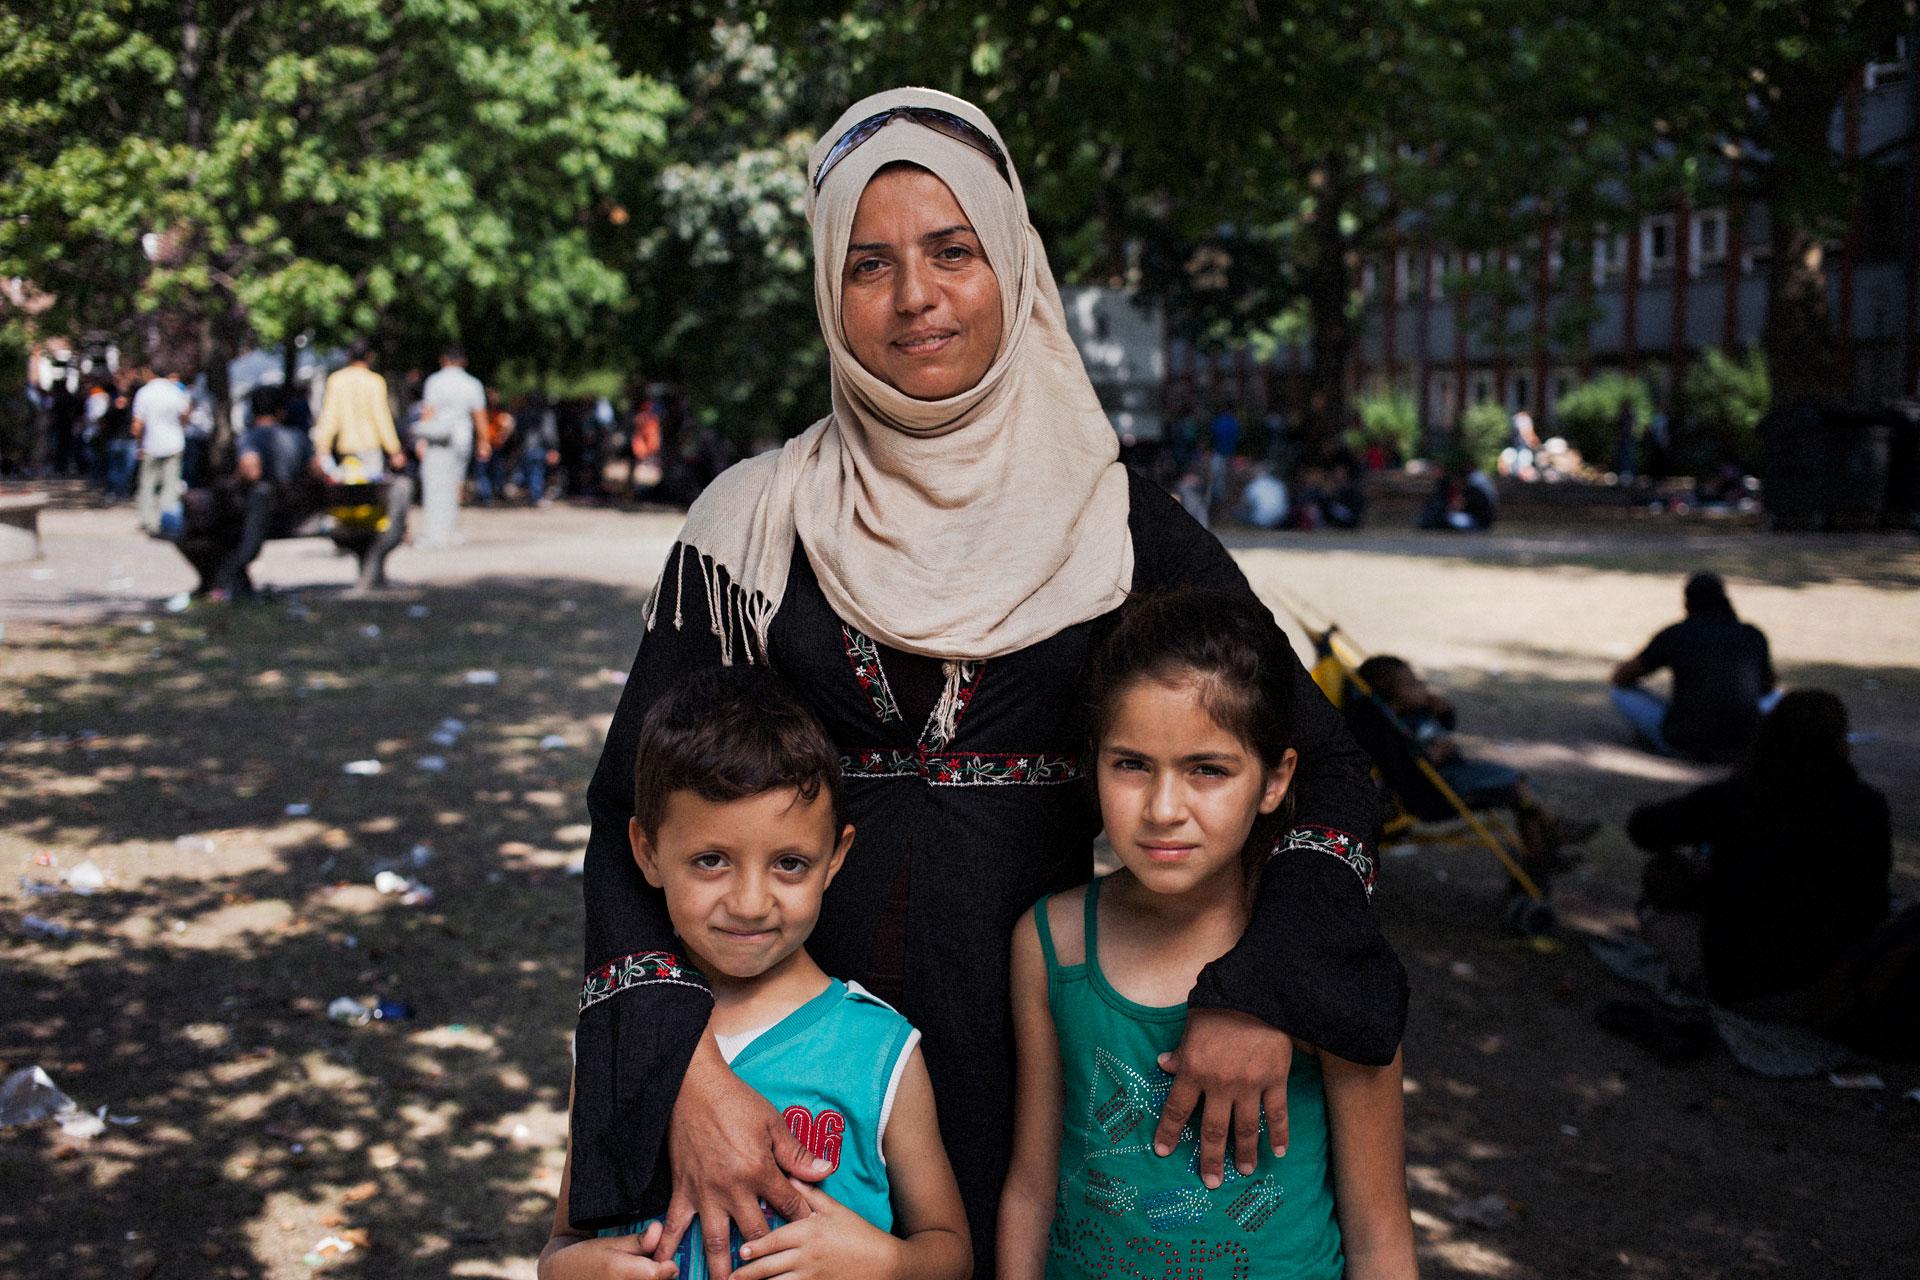 timo-stammberger-photography-fotografie-berlin-lageso-refugees-fluechtlinge-migration-05